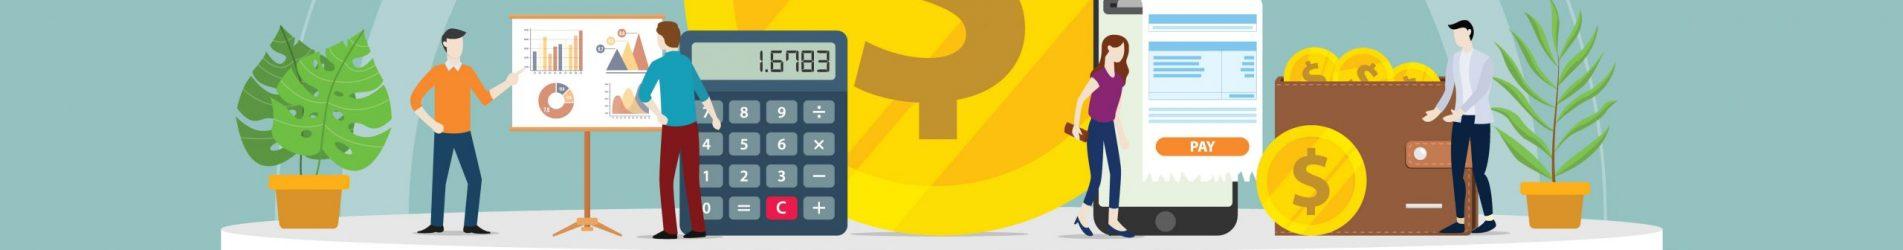 Szybkie Pożyczki przez Internet